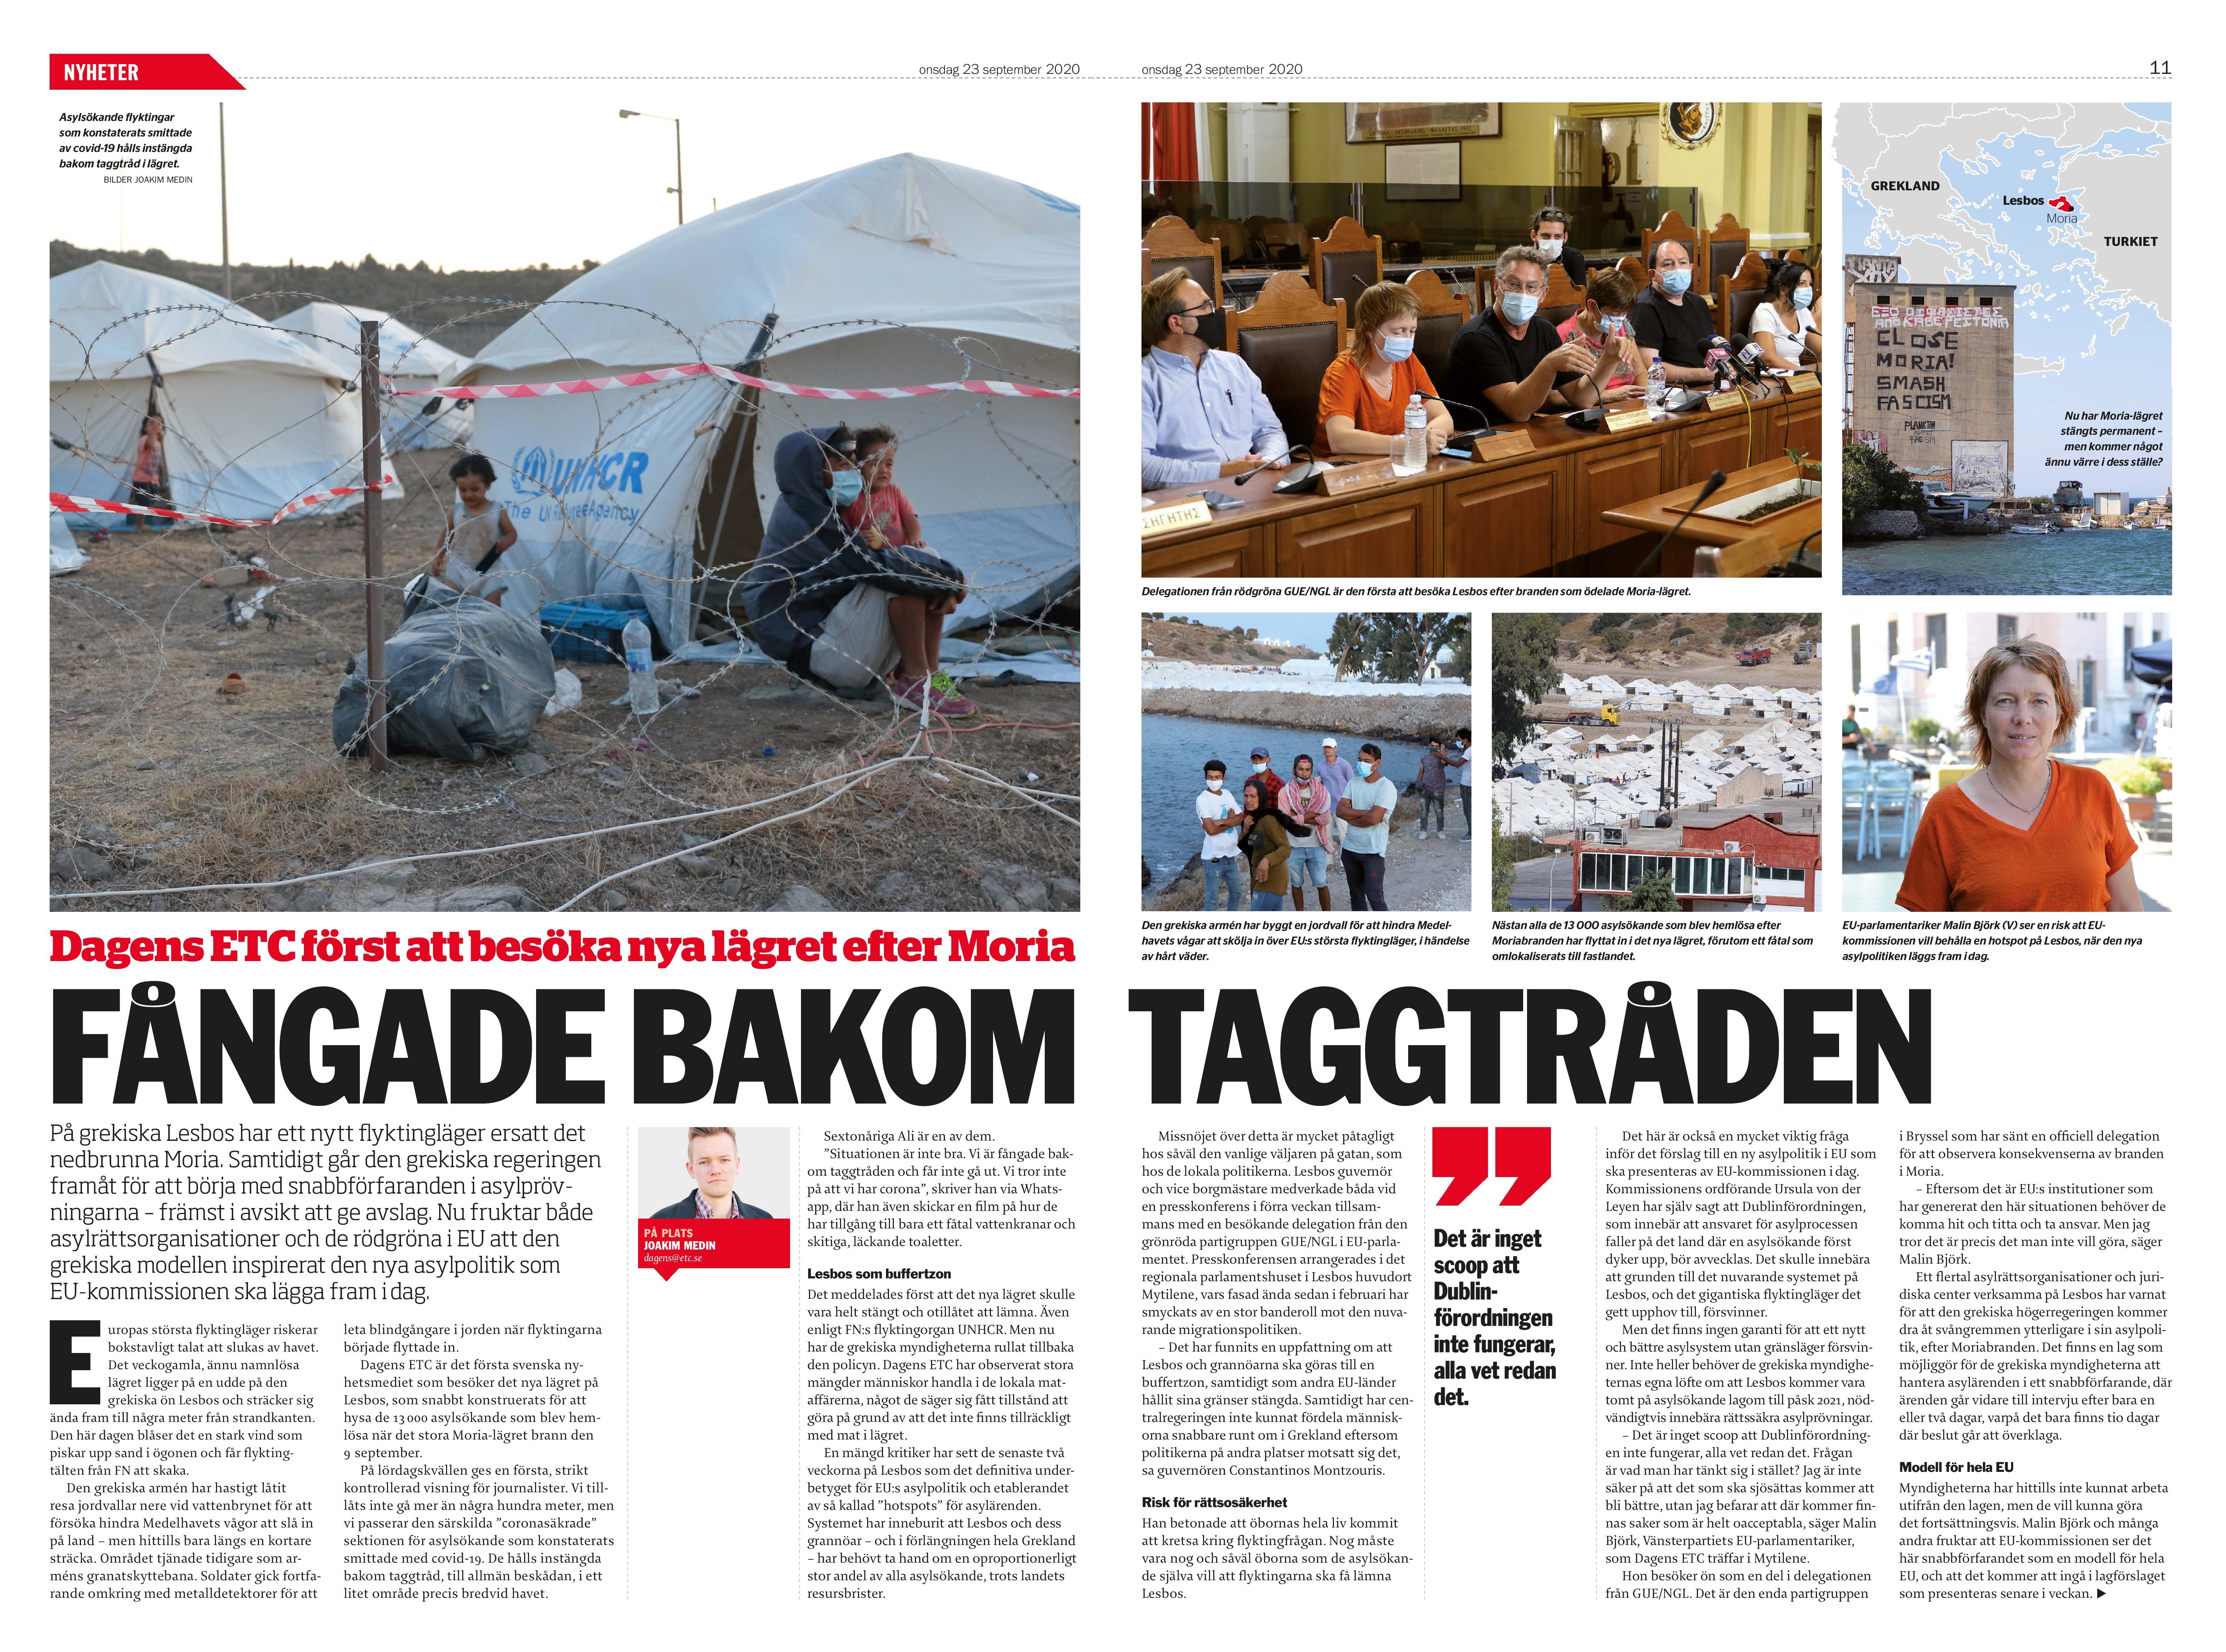 Grekland, Dagens ETC 2020-09-23